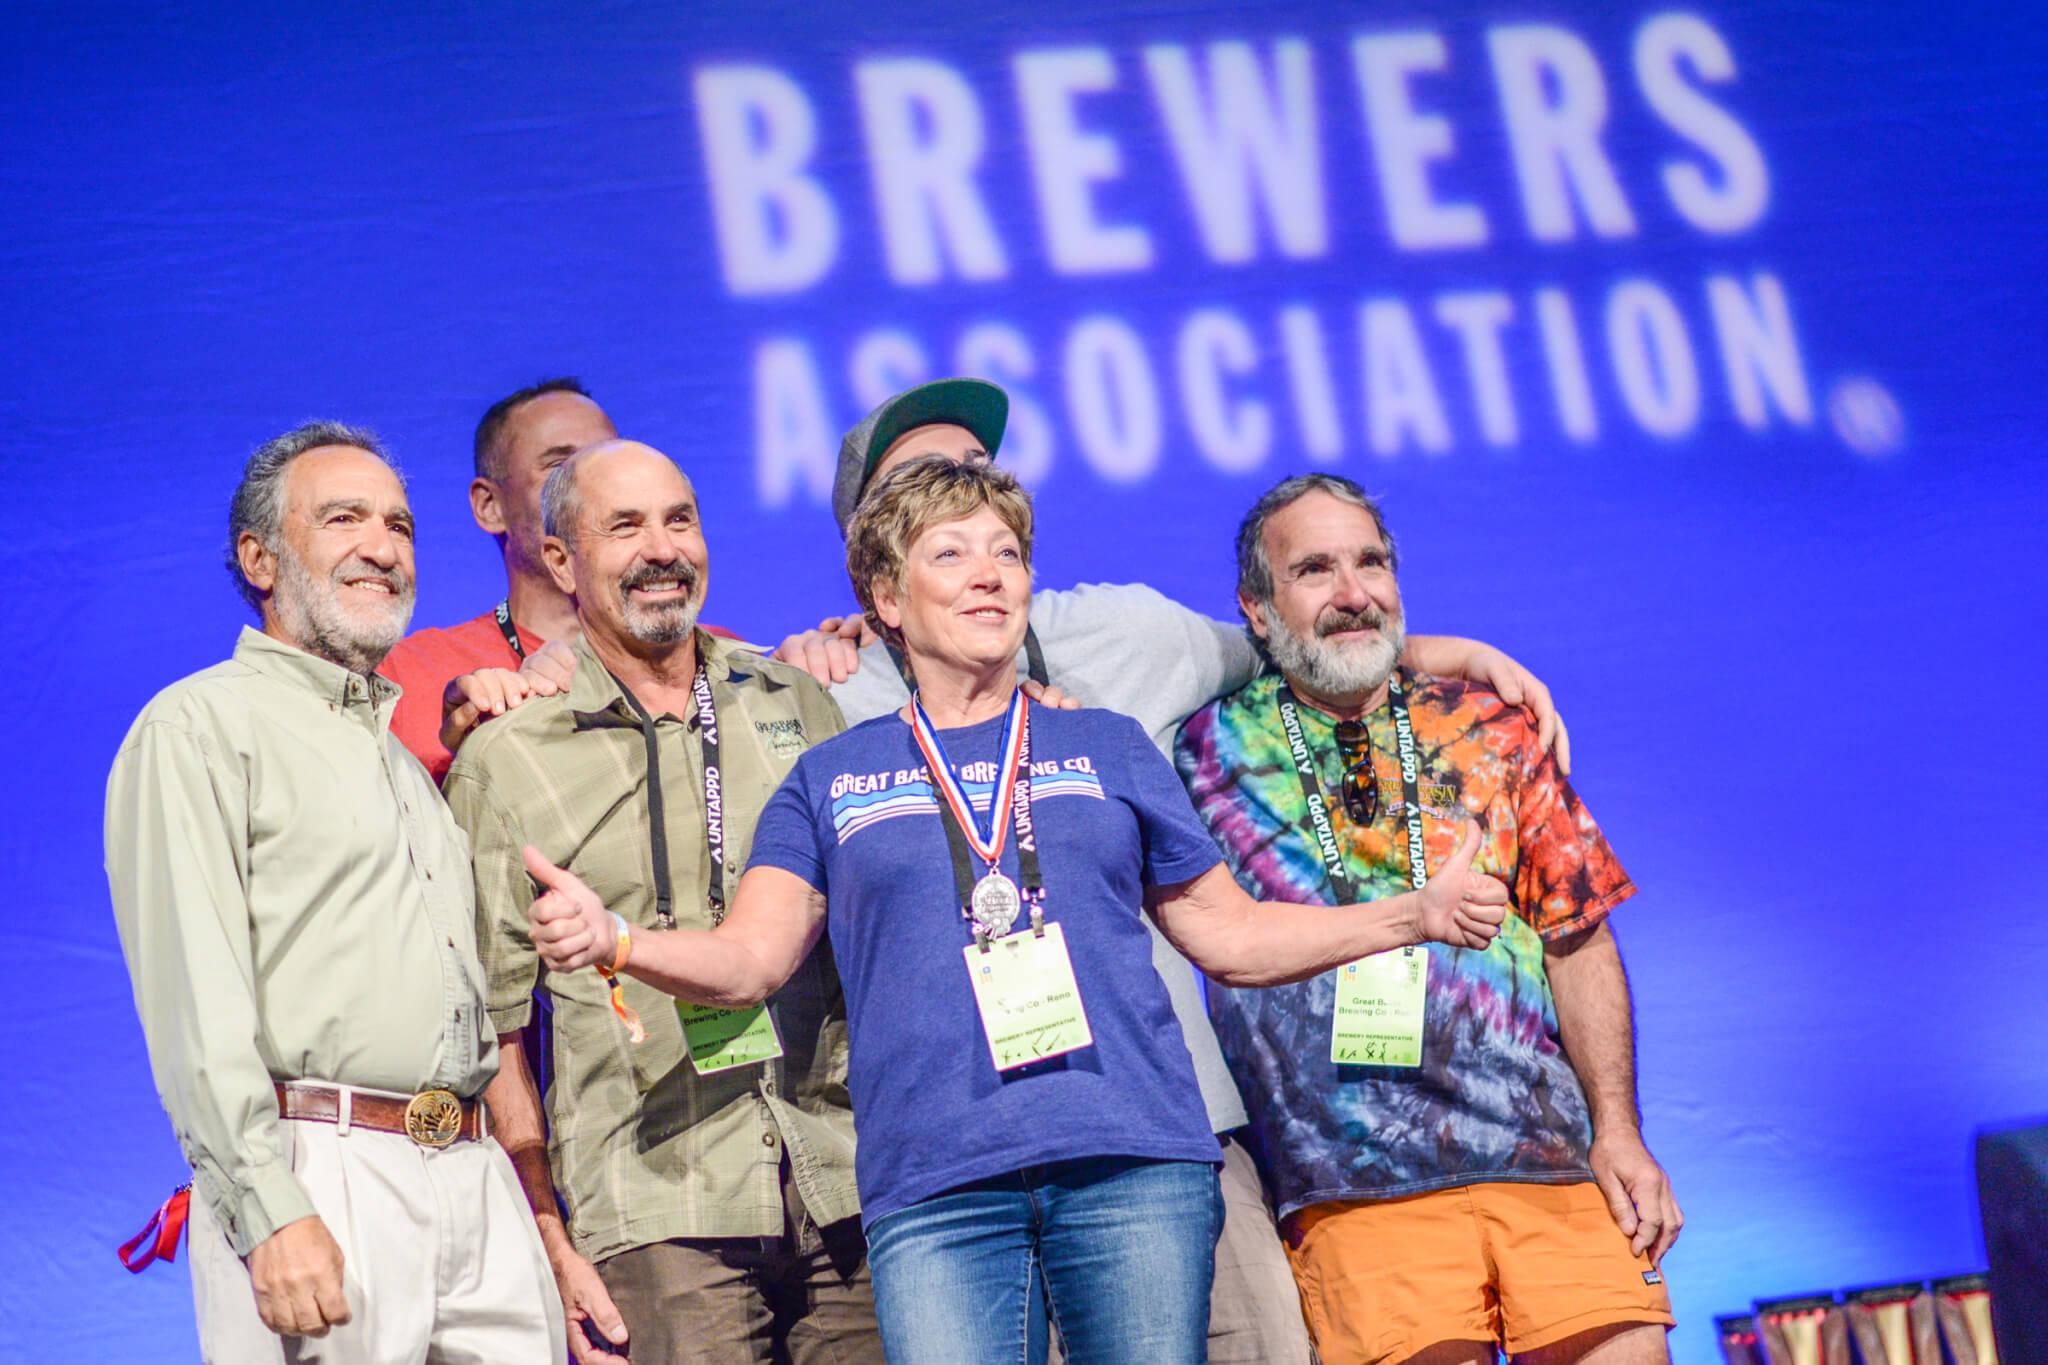 Great American Beer Festival 2018